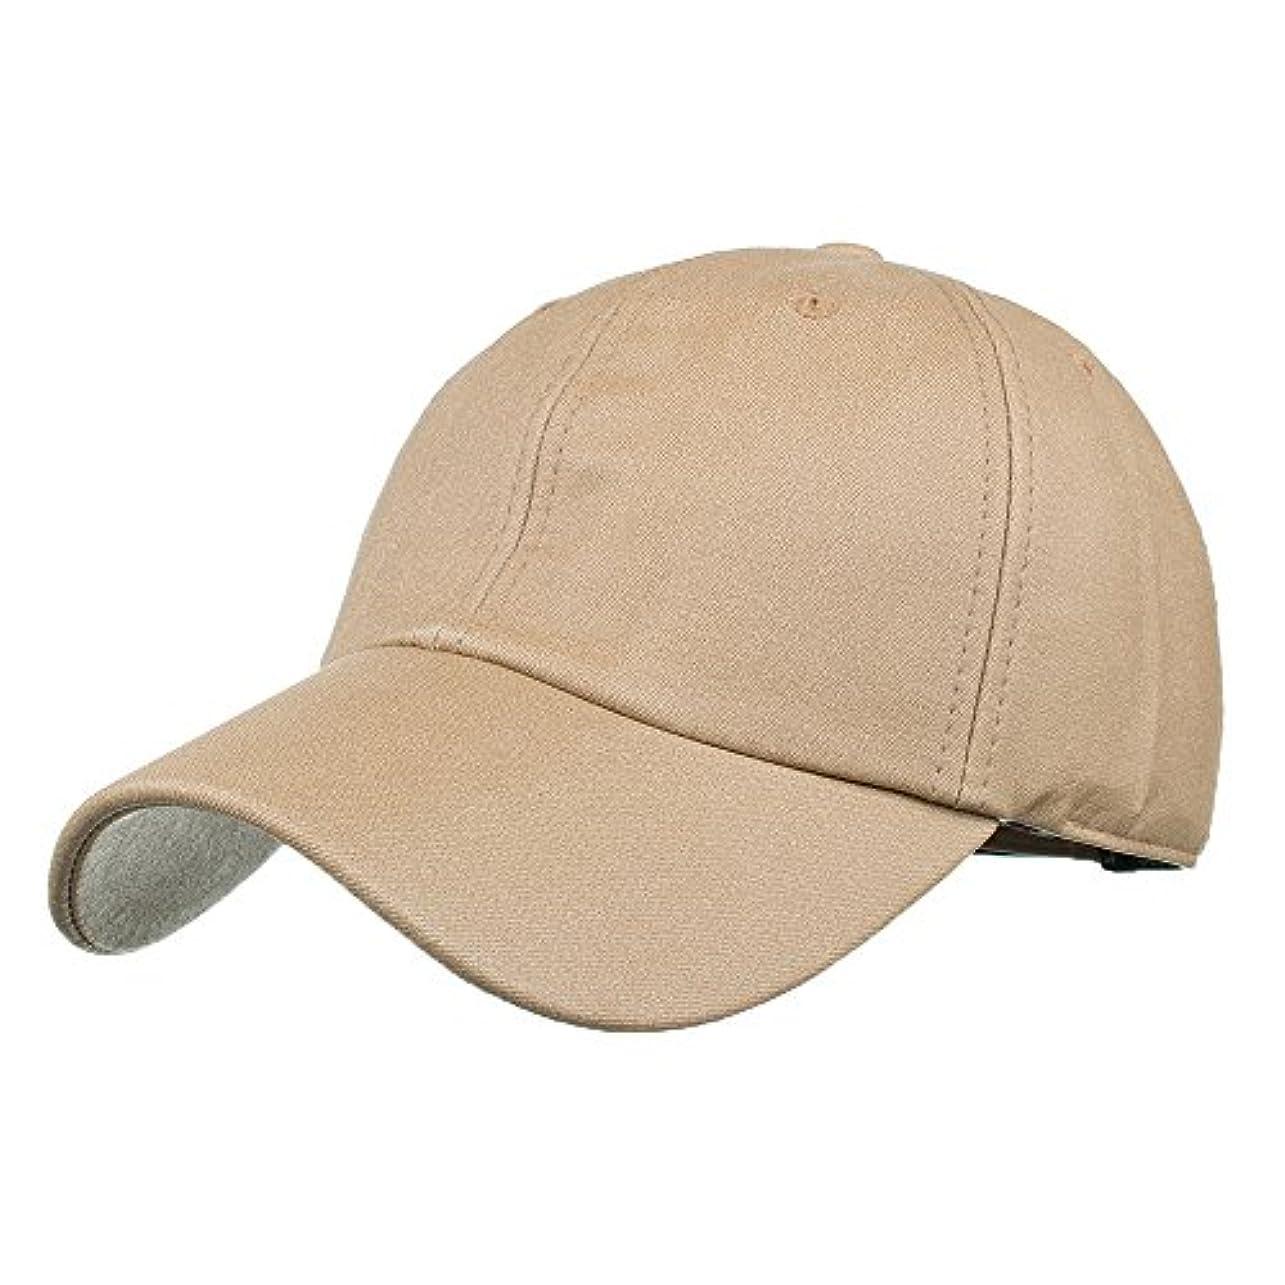 パーチナシティ厄介な整然としたRacazing Cap PU 無地 ヒップホップ 野球帽 通気性のある 帽子 夏 登山 可調整可能 棒球帽 UV 帽子 軽量 屋外 Unisex Hat (カーキ)